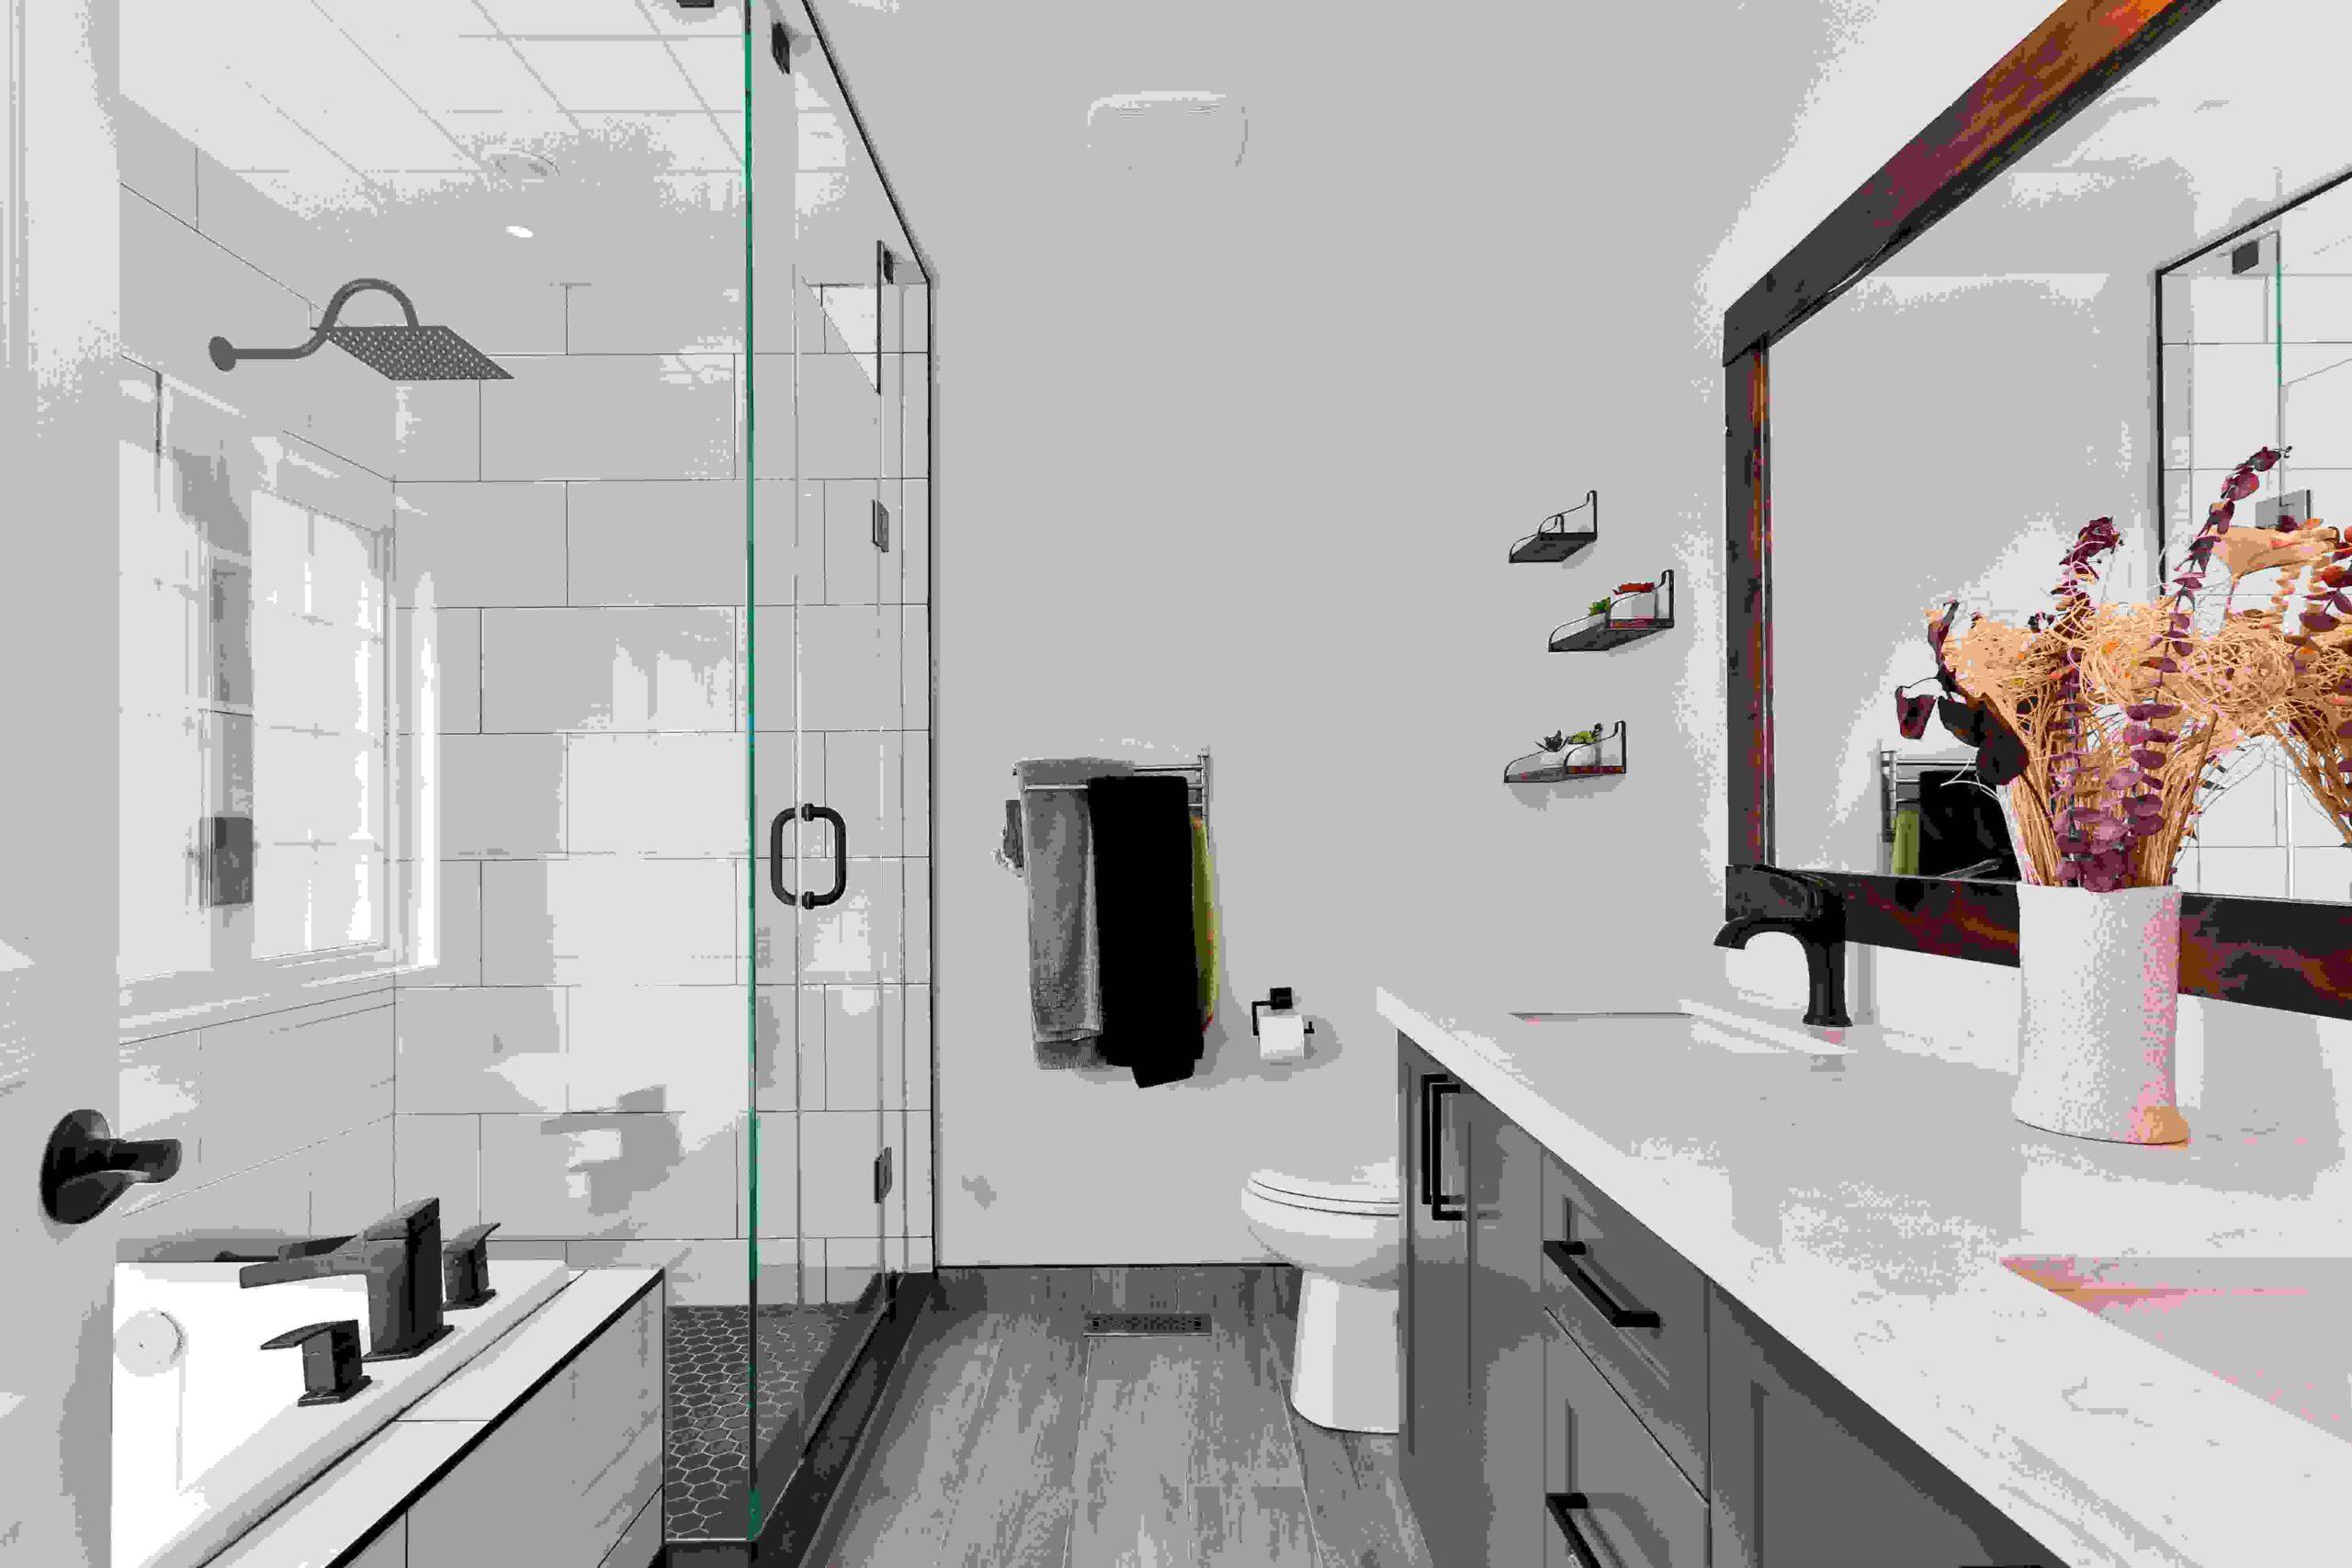 shower plumber repairs